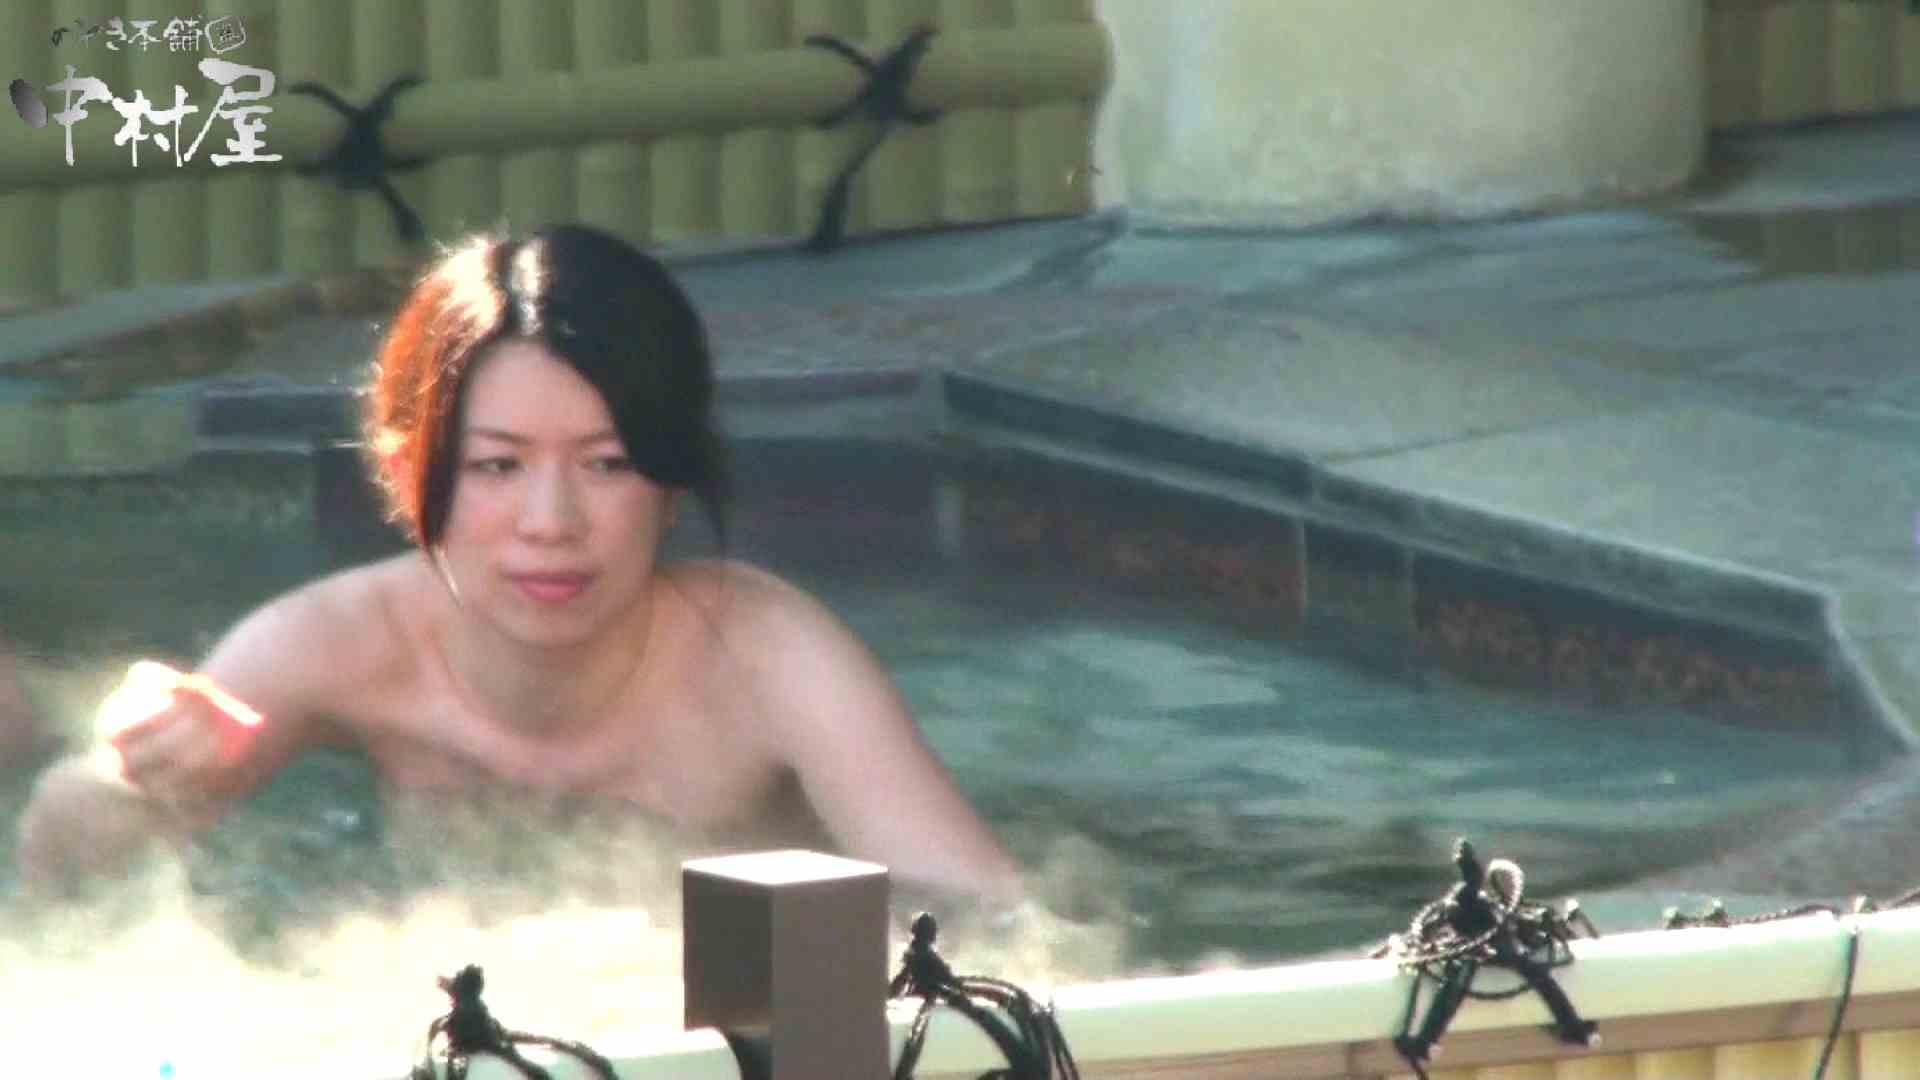 Aquaな露天風呂Vol.919 綺麗なOLたち おまんこ無修正動画無料 65枚 26